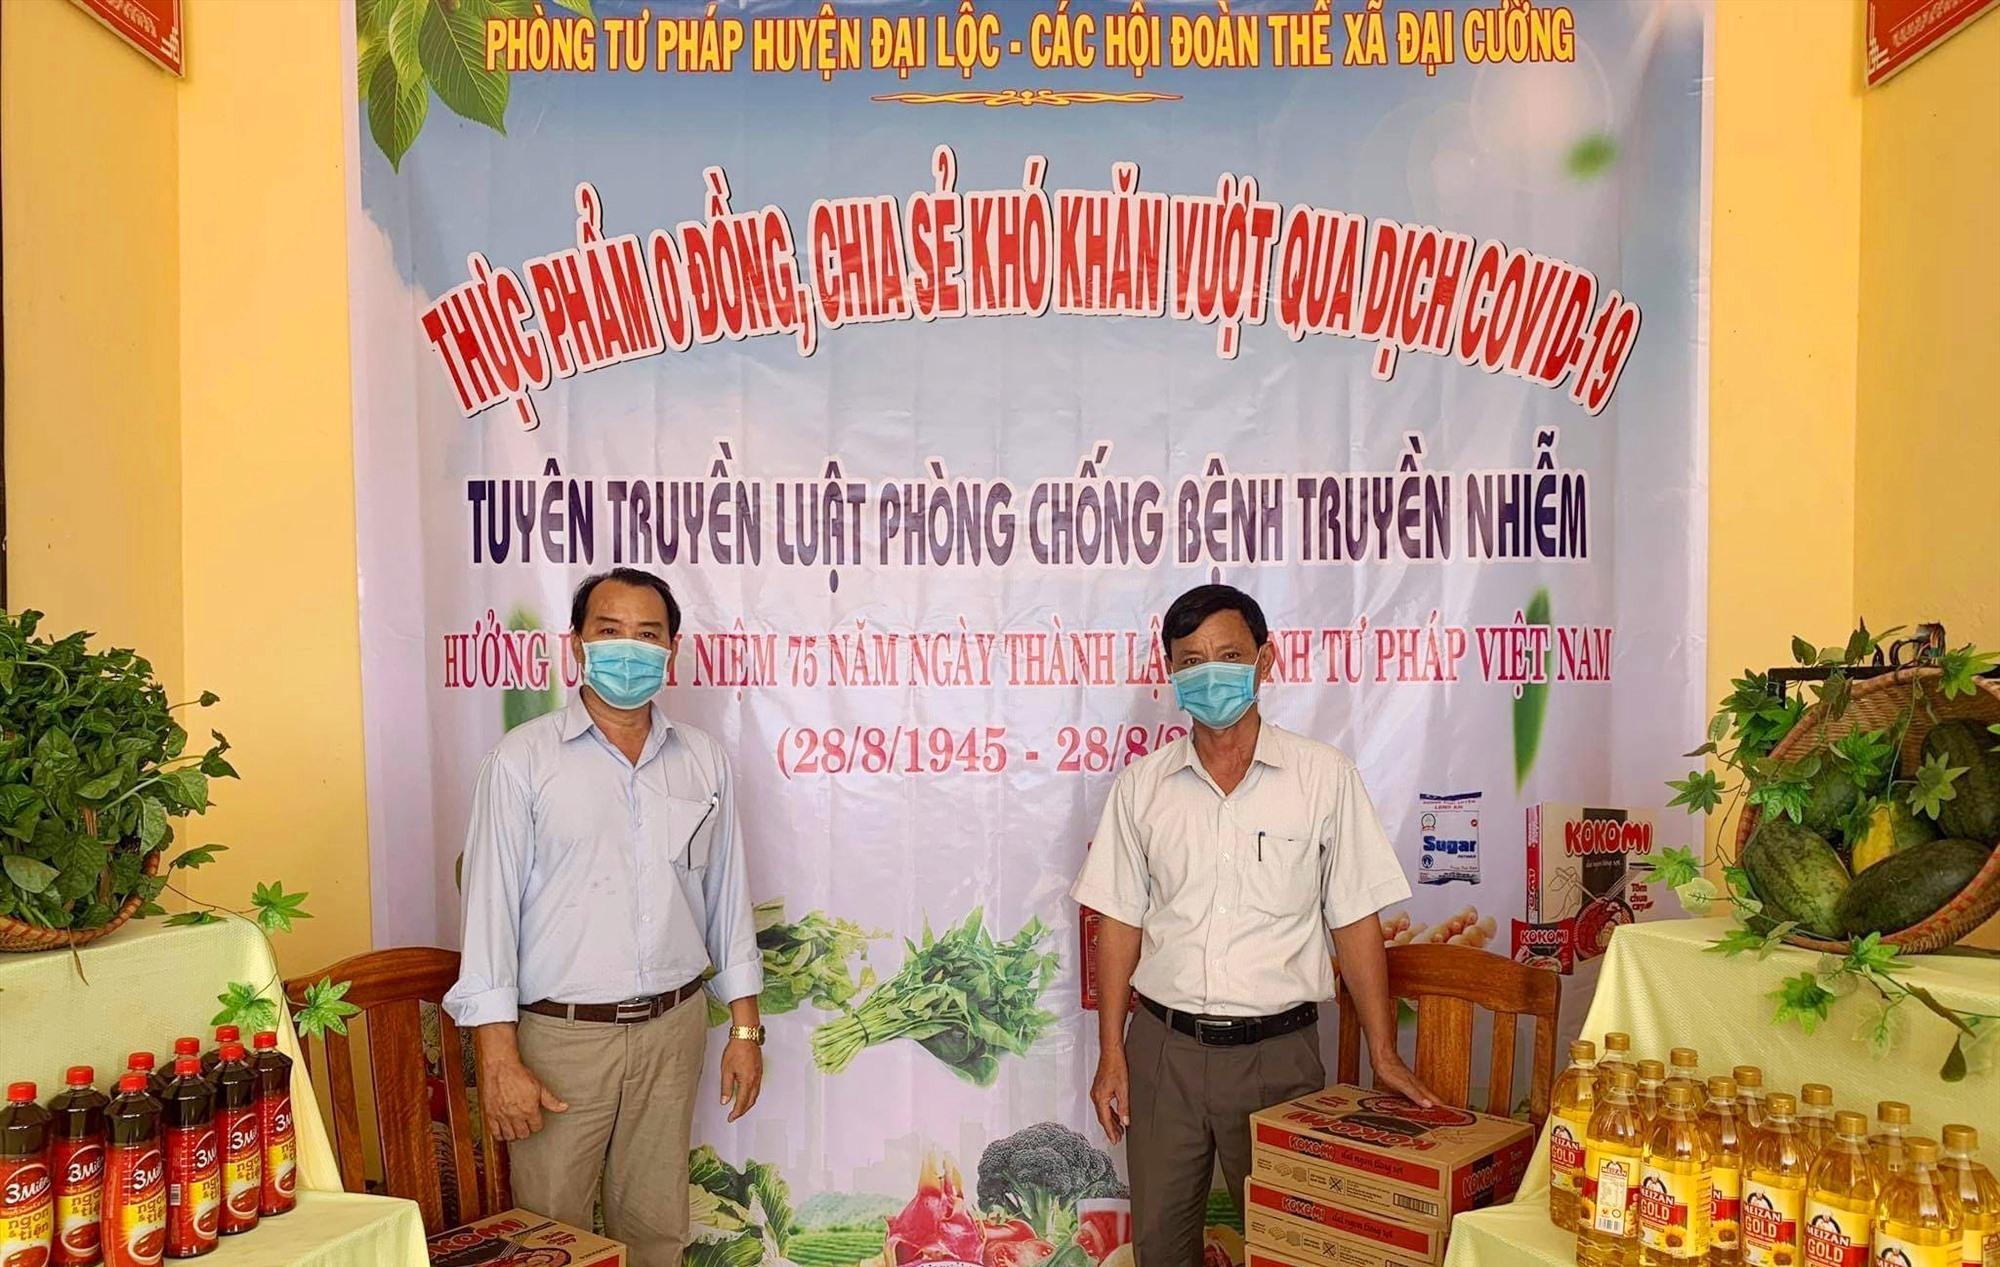 Phòng Tư pháp Đại Lộc cùng UBND xã Đại Cường tổ chức tuyên truyền, lập phiên chợ 0 đồng giúp đỡ bà con địa phương. Ảnh: C.T